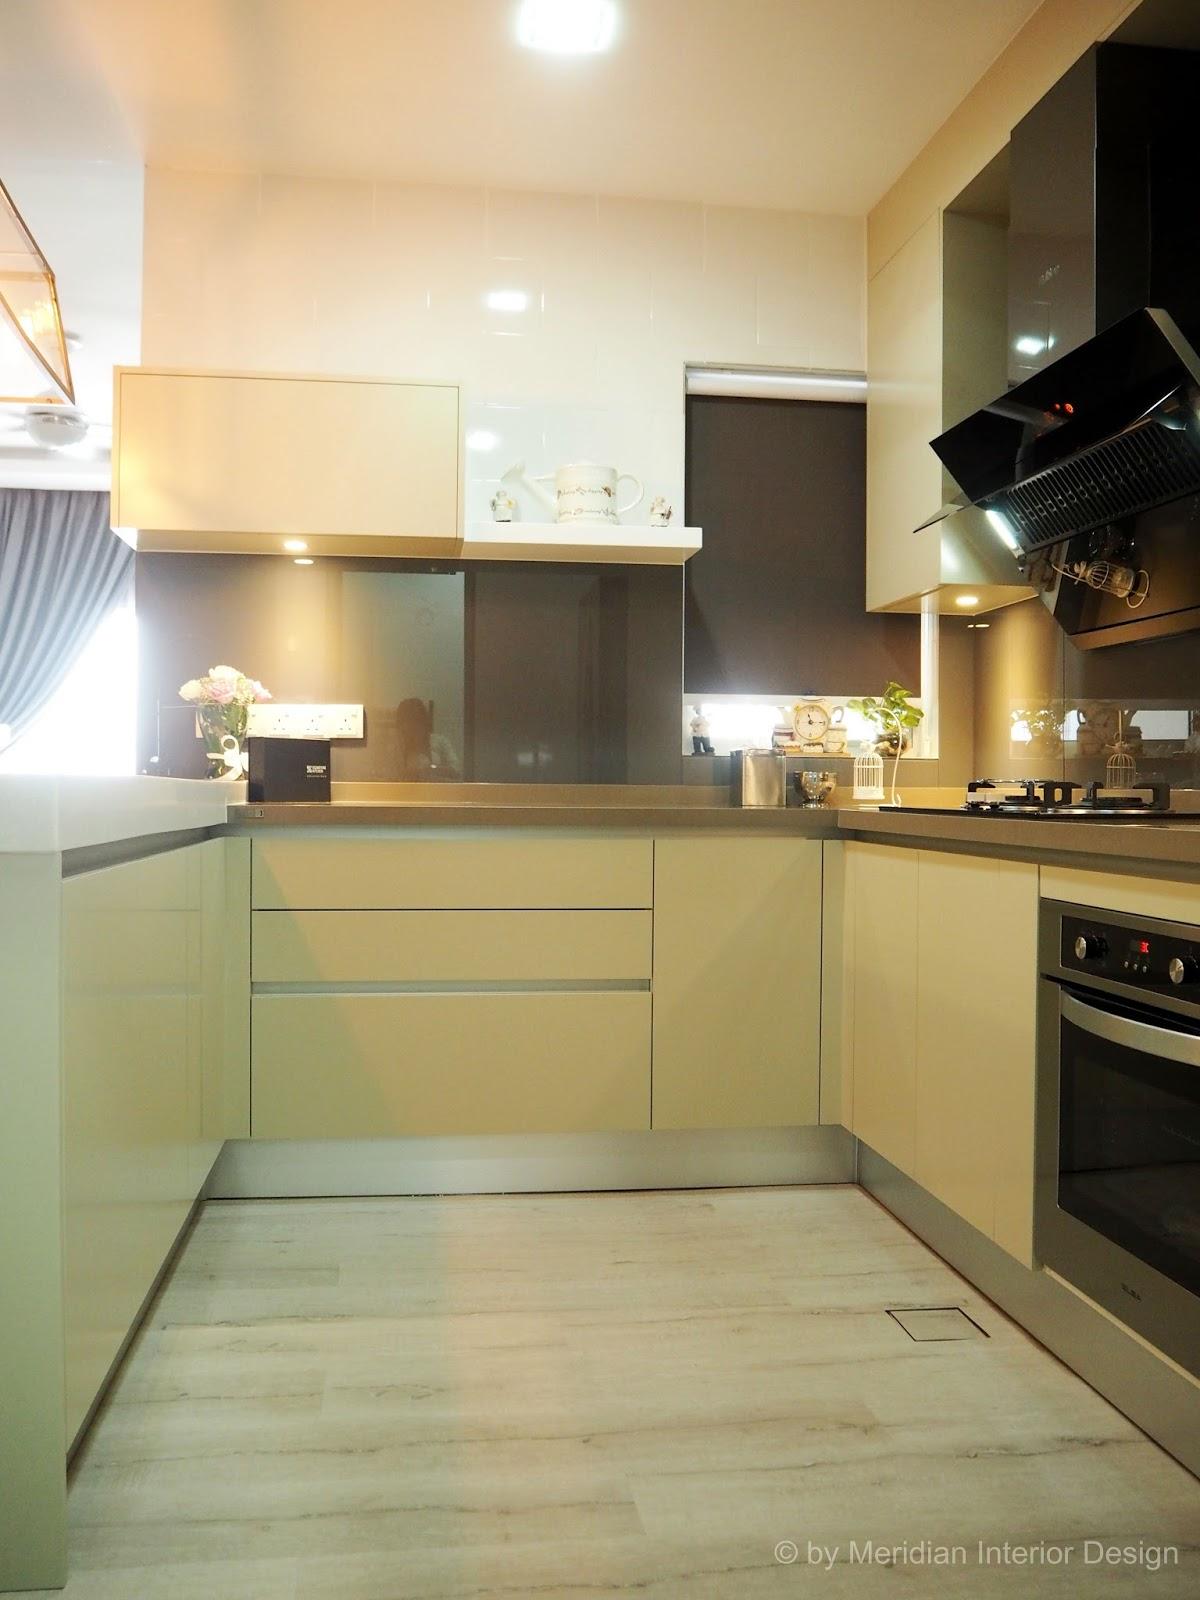 Signature Kitchen Cabinets Inspiration Through Creative Interior Designs Modern Kitchen